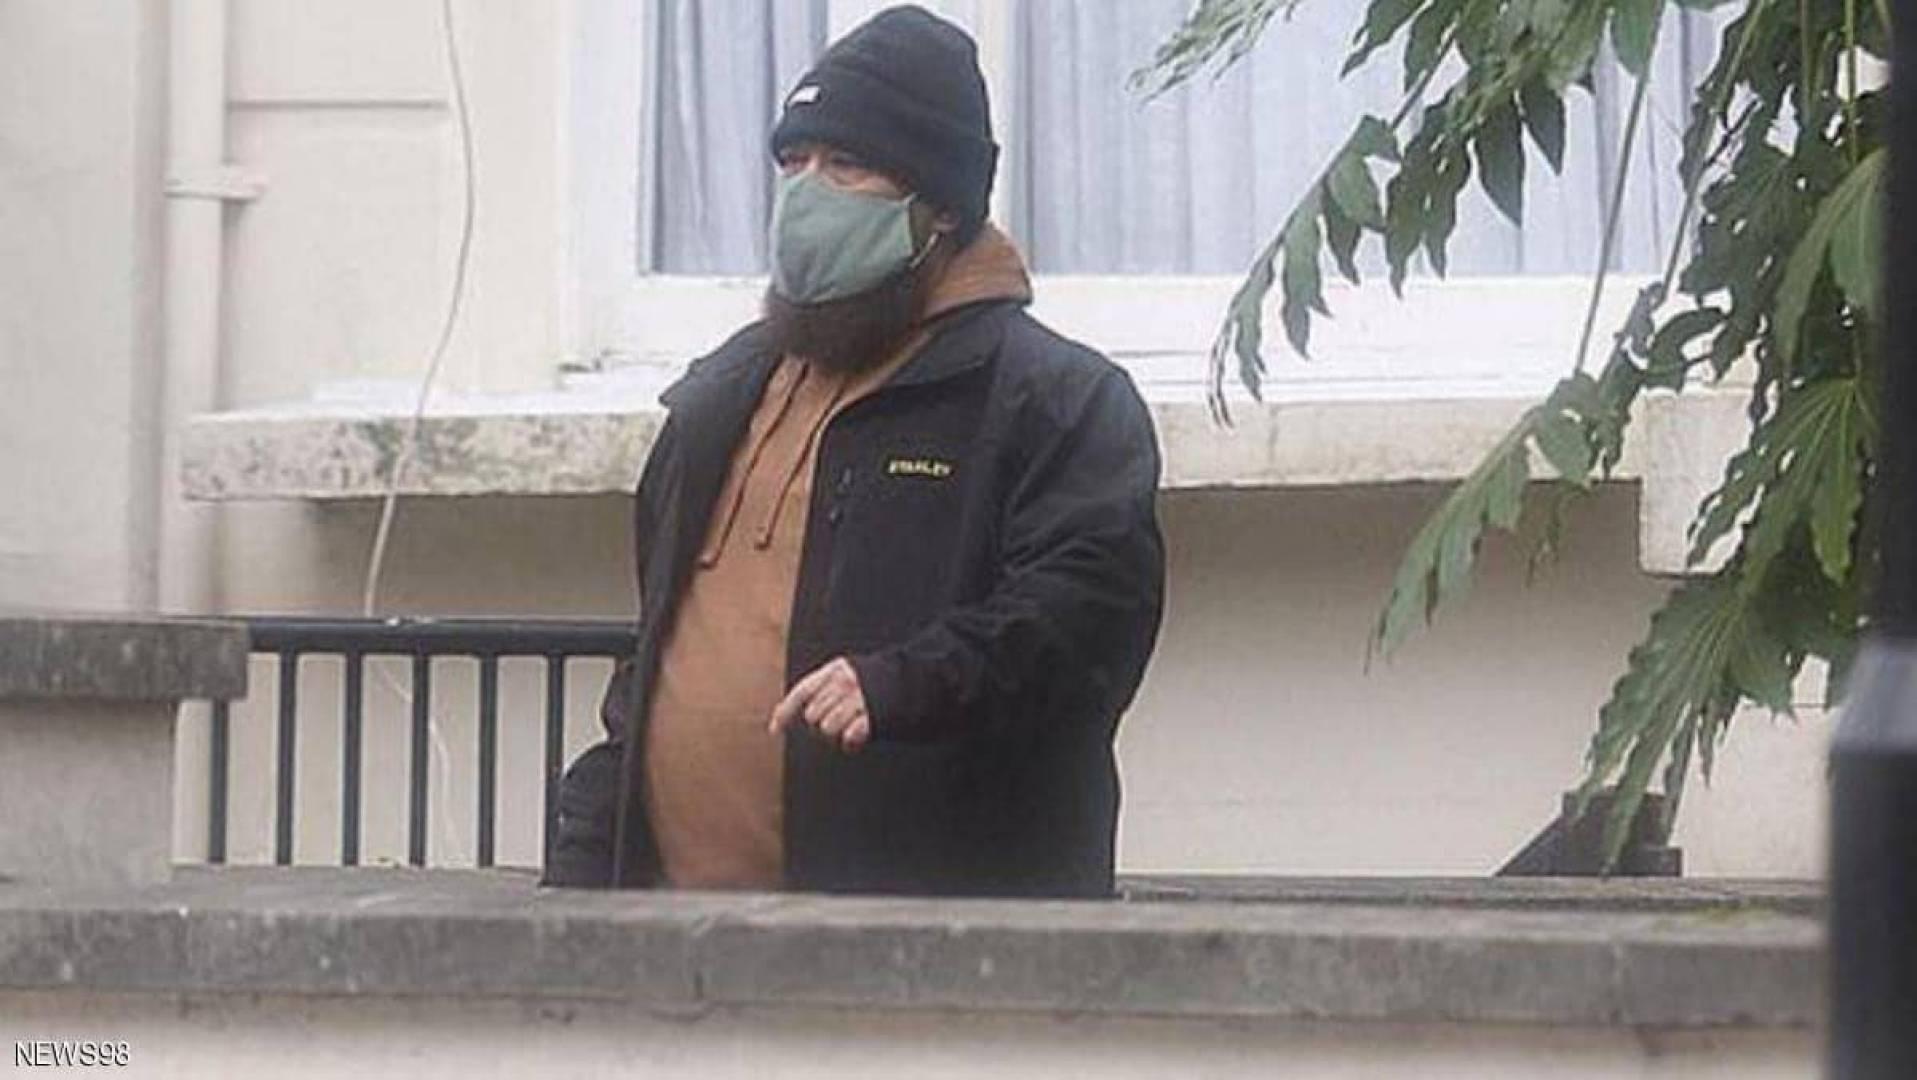 كان عبد الباري ناطقاً باسم بن لادن وقت هجوم السفارتين - سكاي نيوز